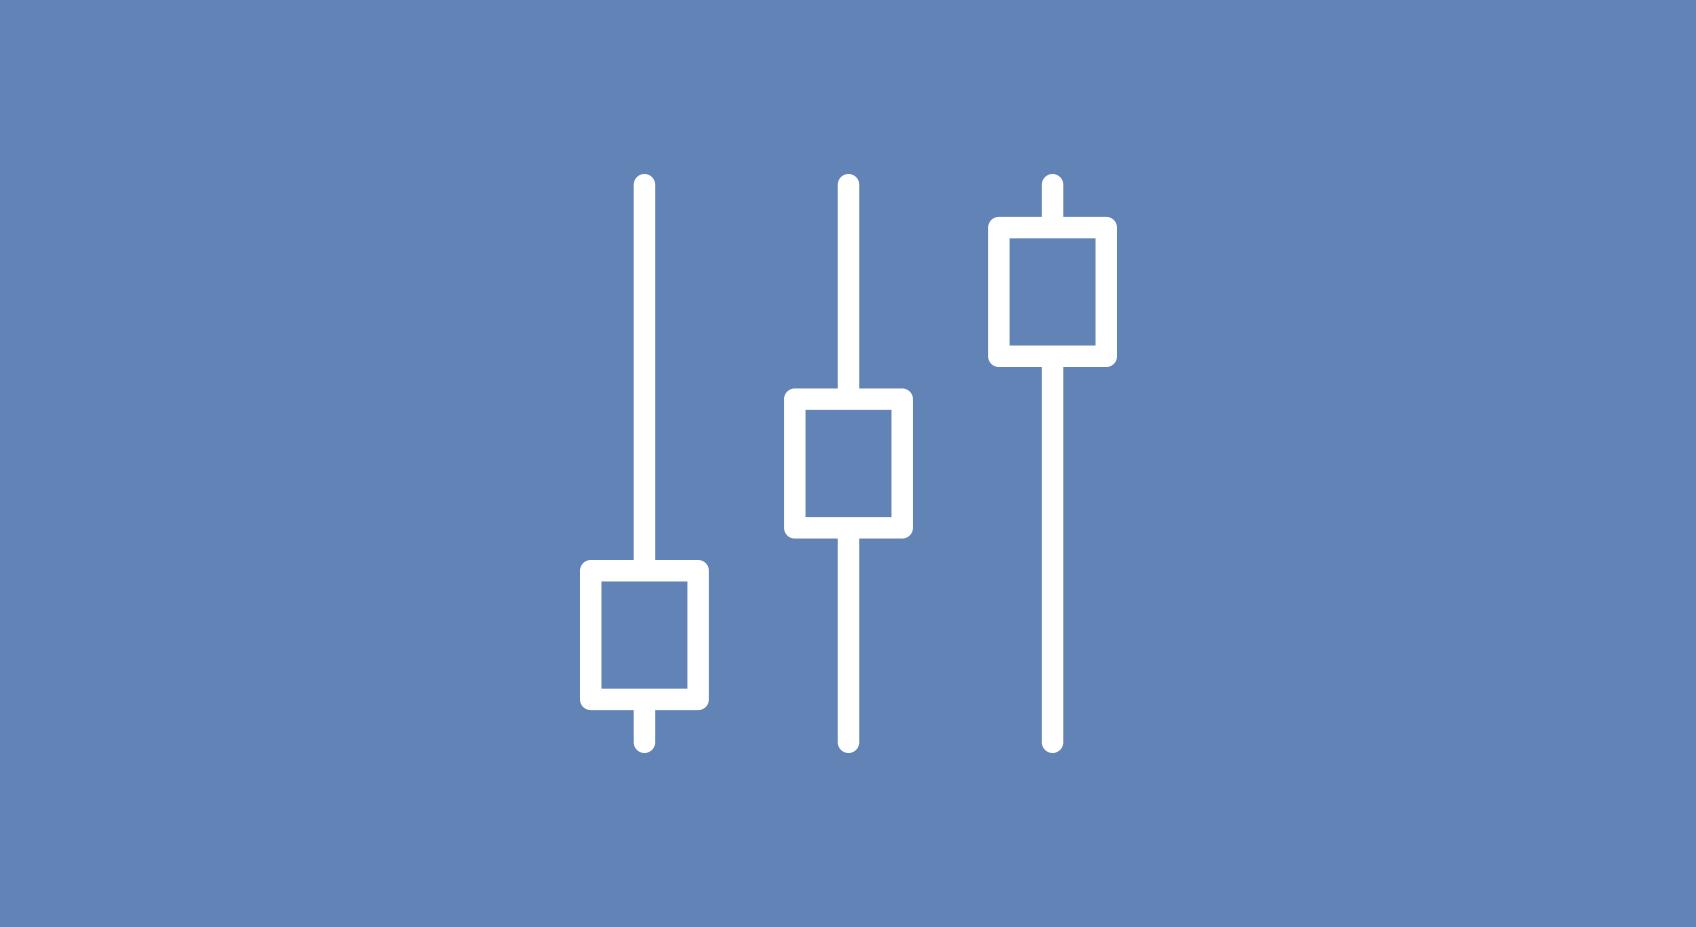 ما هي أهمية السيولة (الفوليوم) في صفقات البيتكوين و العملات الرقمية؟